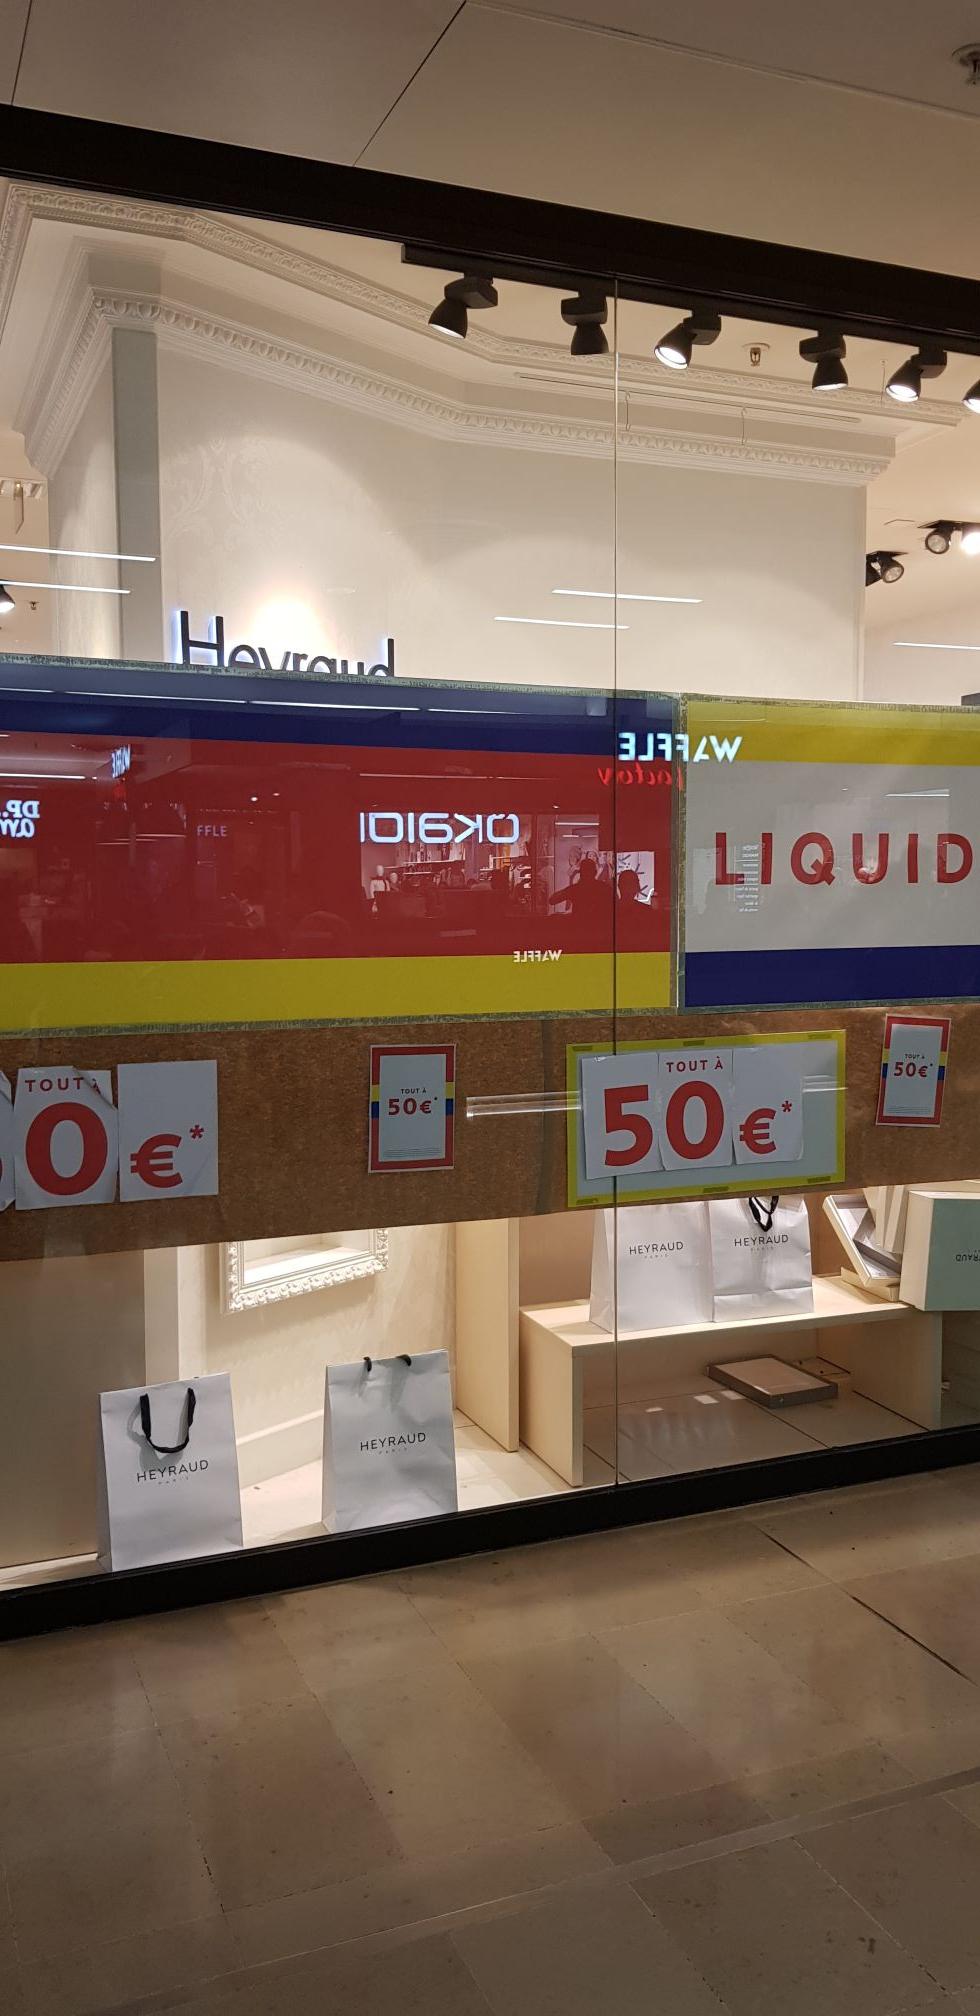 Toute la boutique à 50€ (chaussures et accessoires) - Heyraud (92)